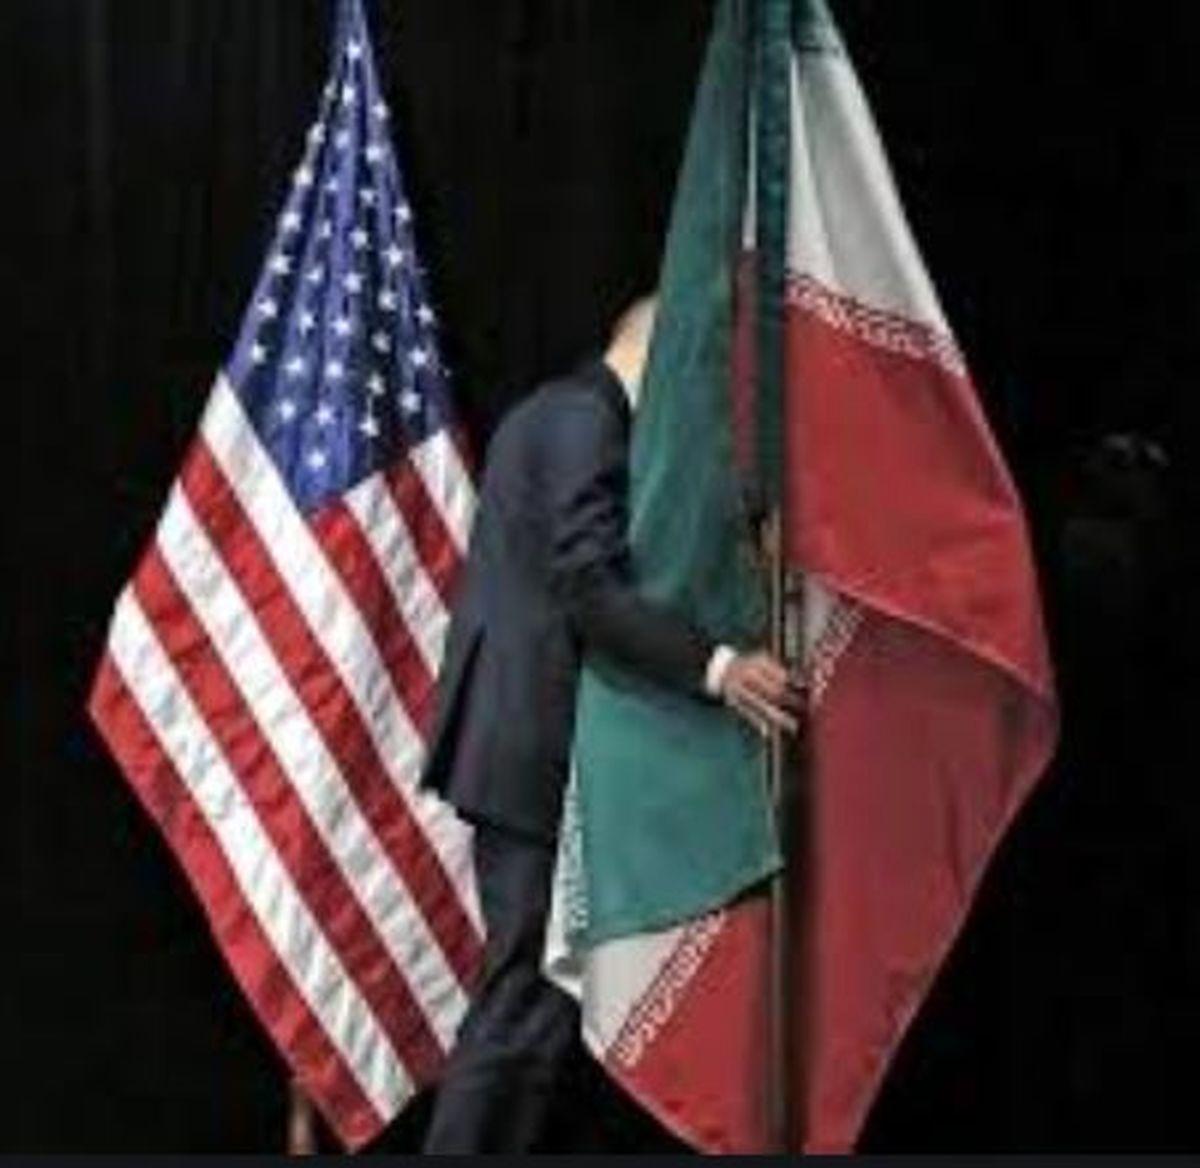 هیچ گفتوگوی مستقیمی بین ایران و آمریکا رخ نداده است